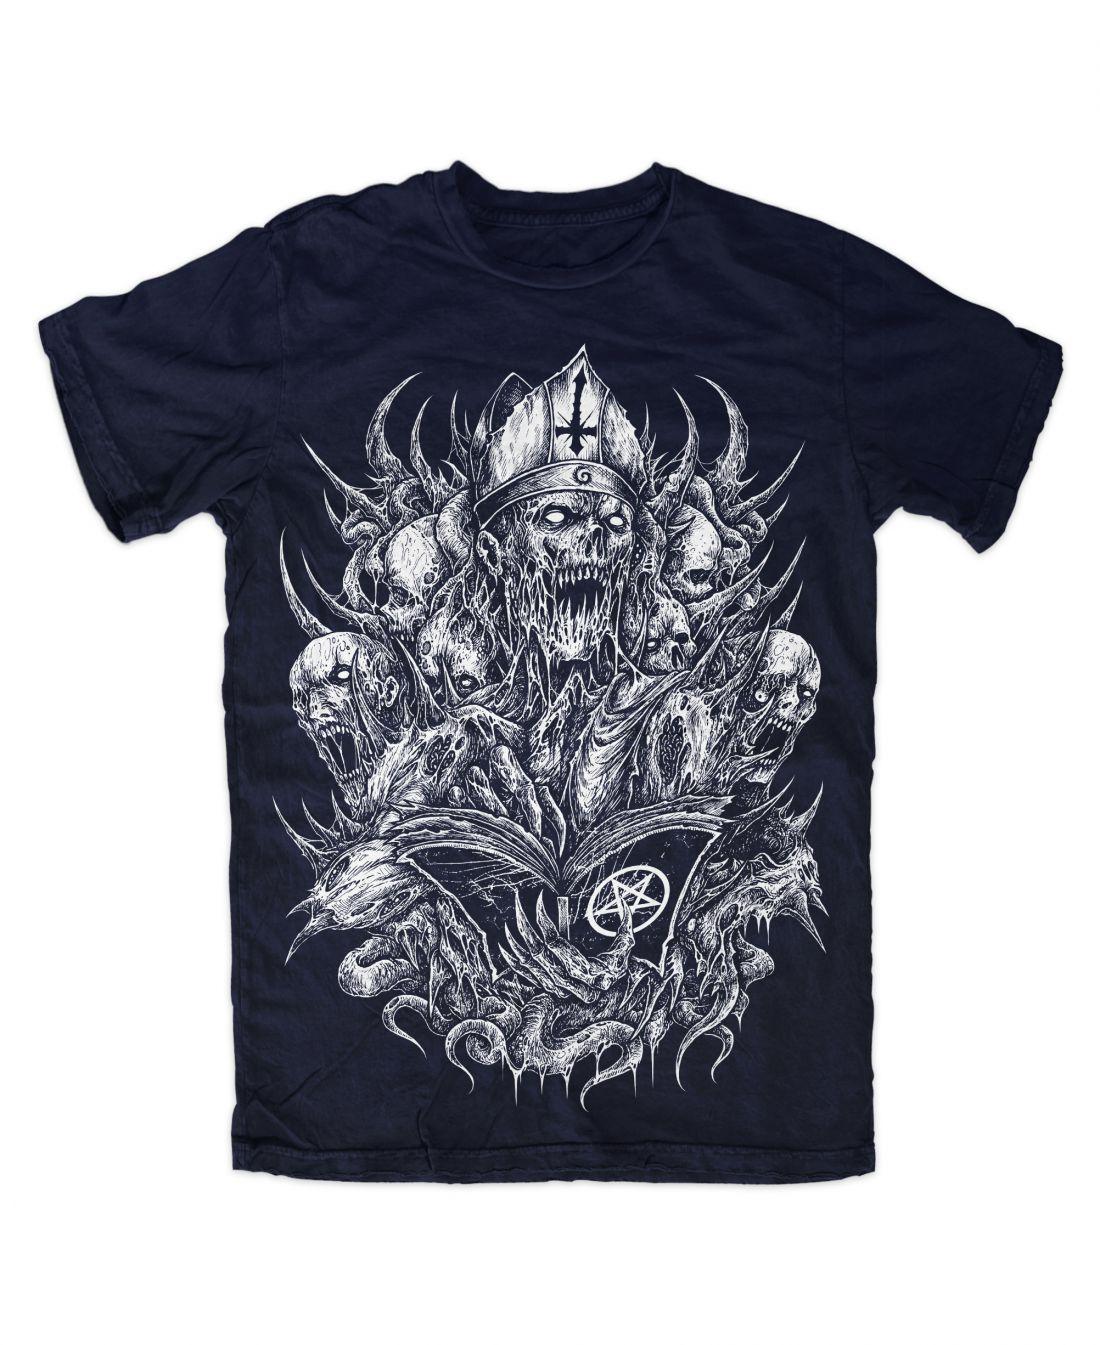 Curse (navy kék póló)